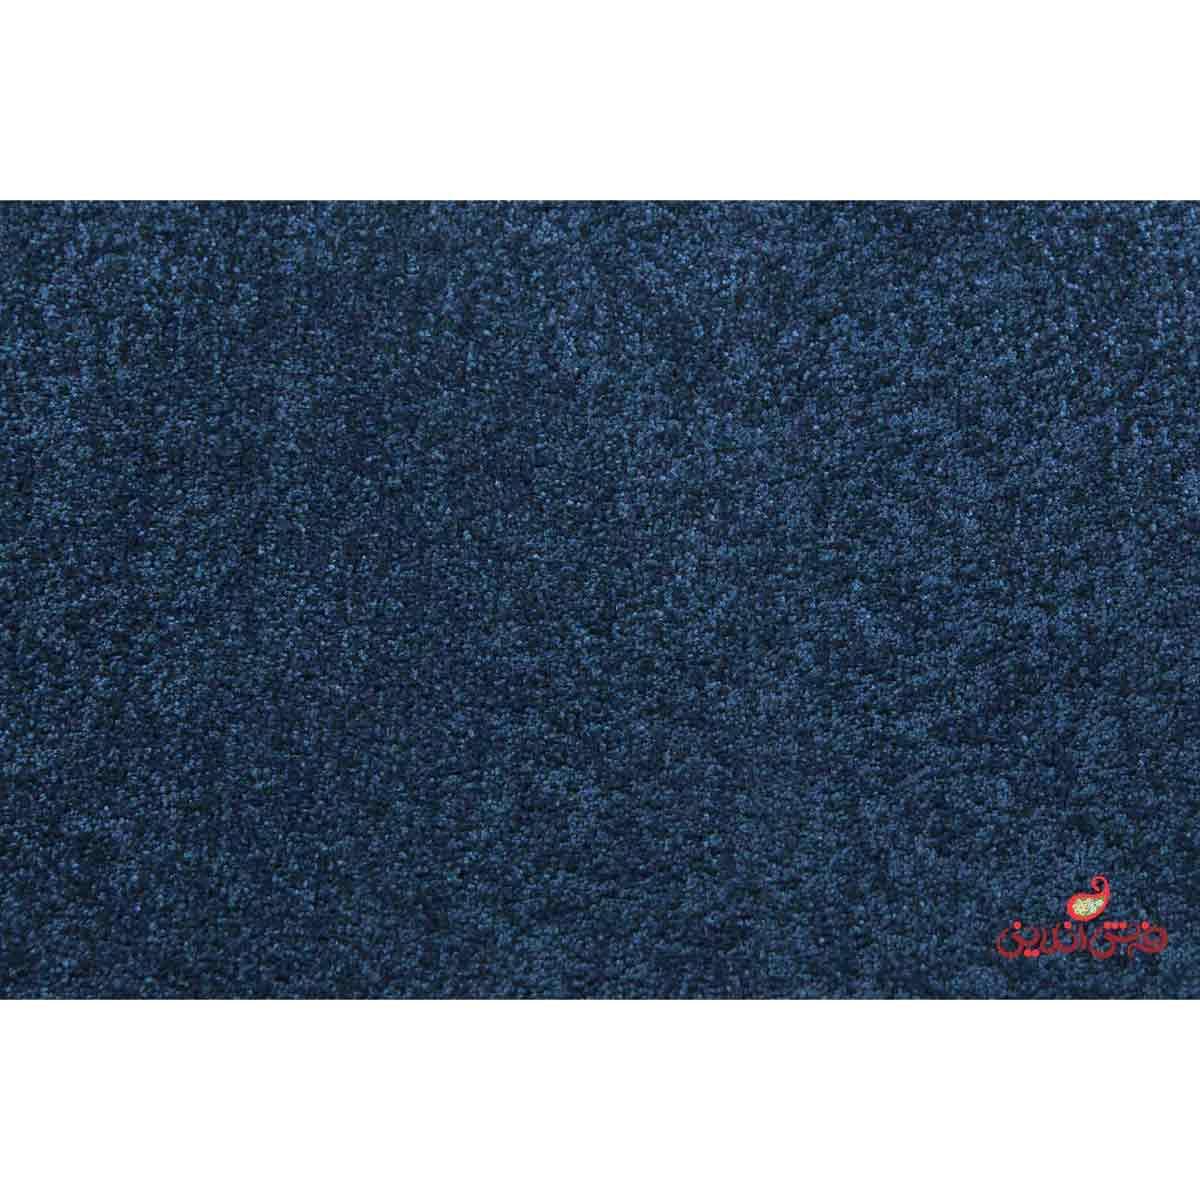 موکت ظریف مصور طرح رویال سرمه ای 5162